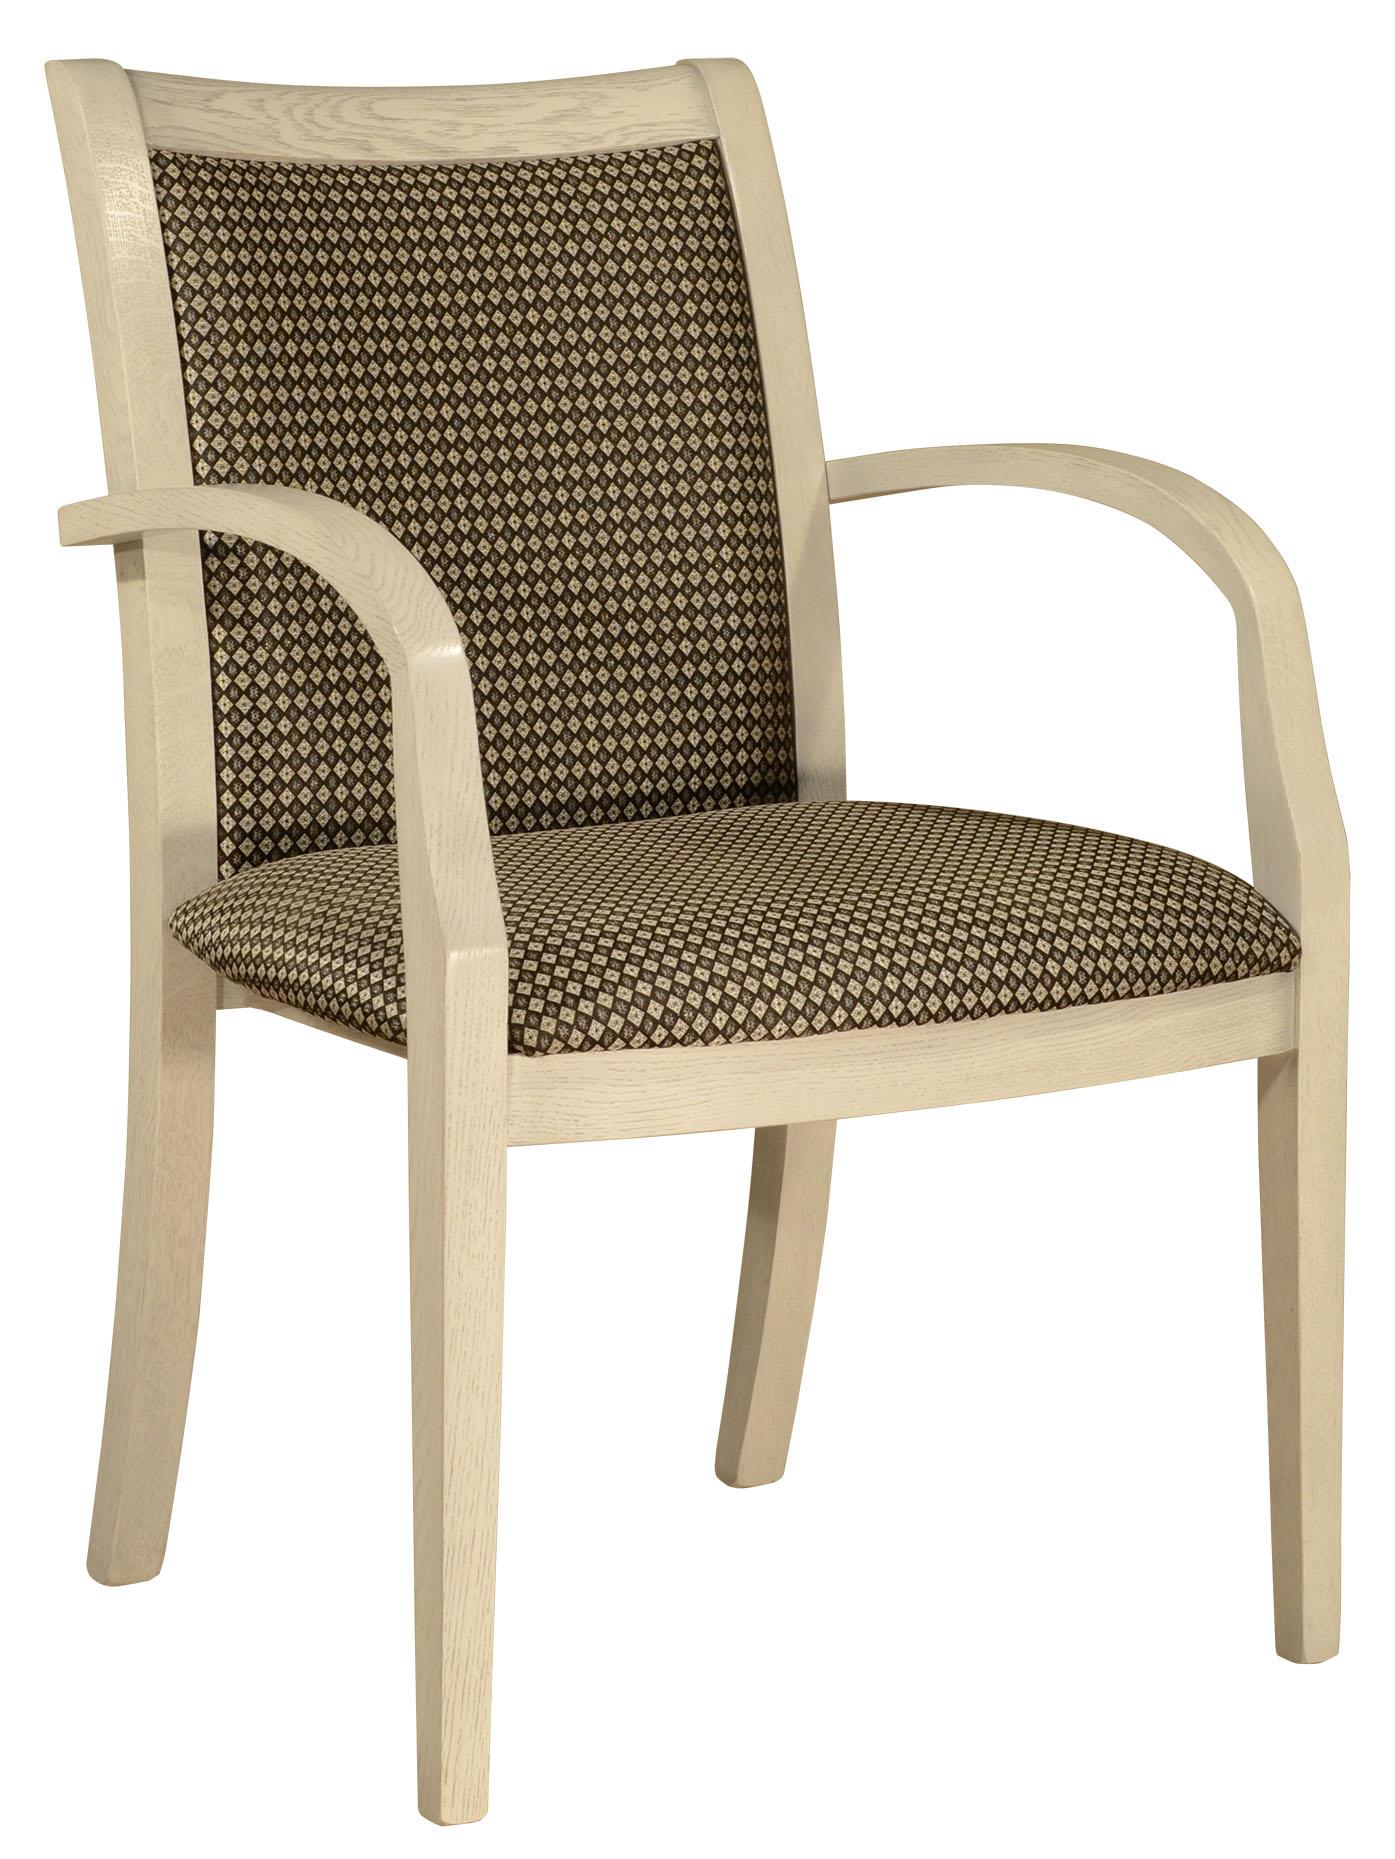 стул (Кресло) Милан